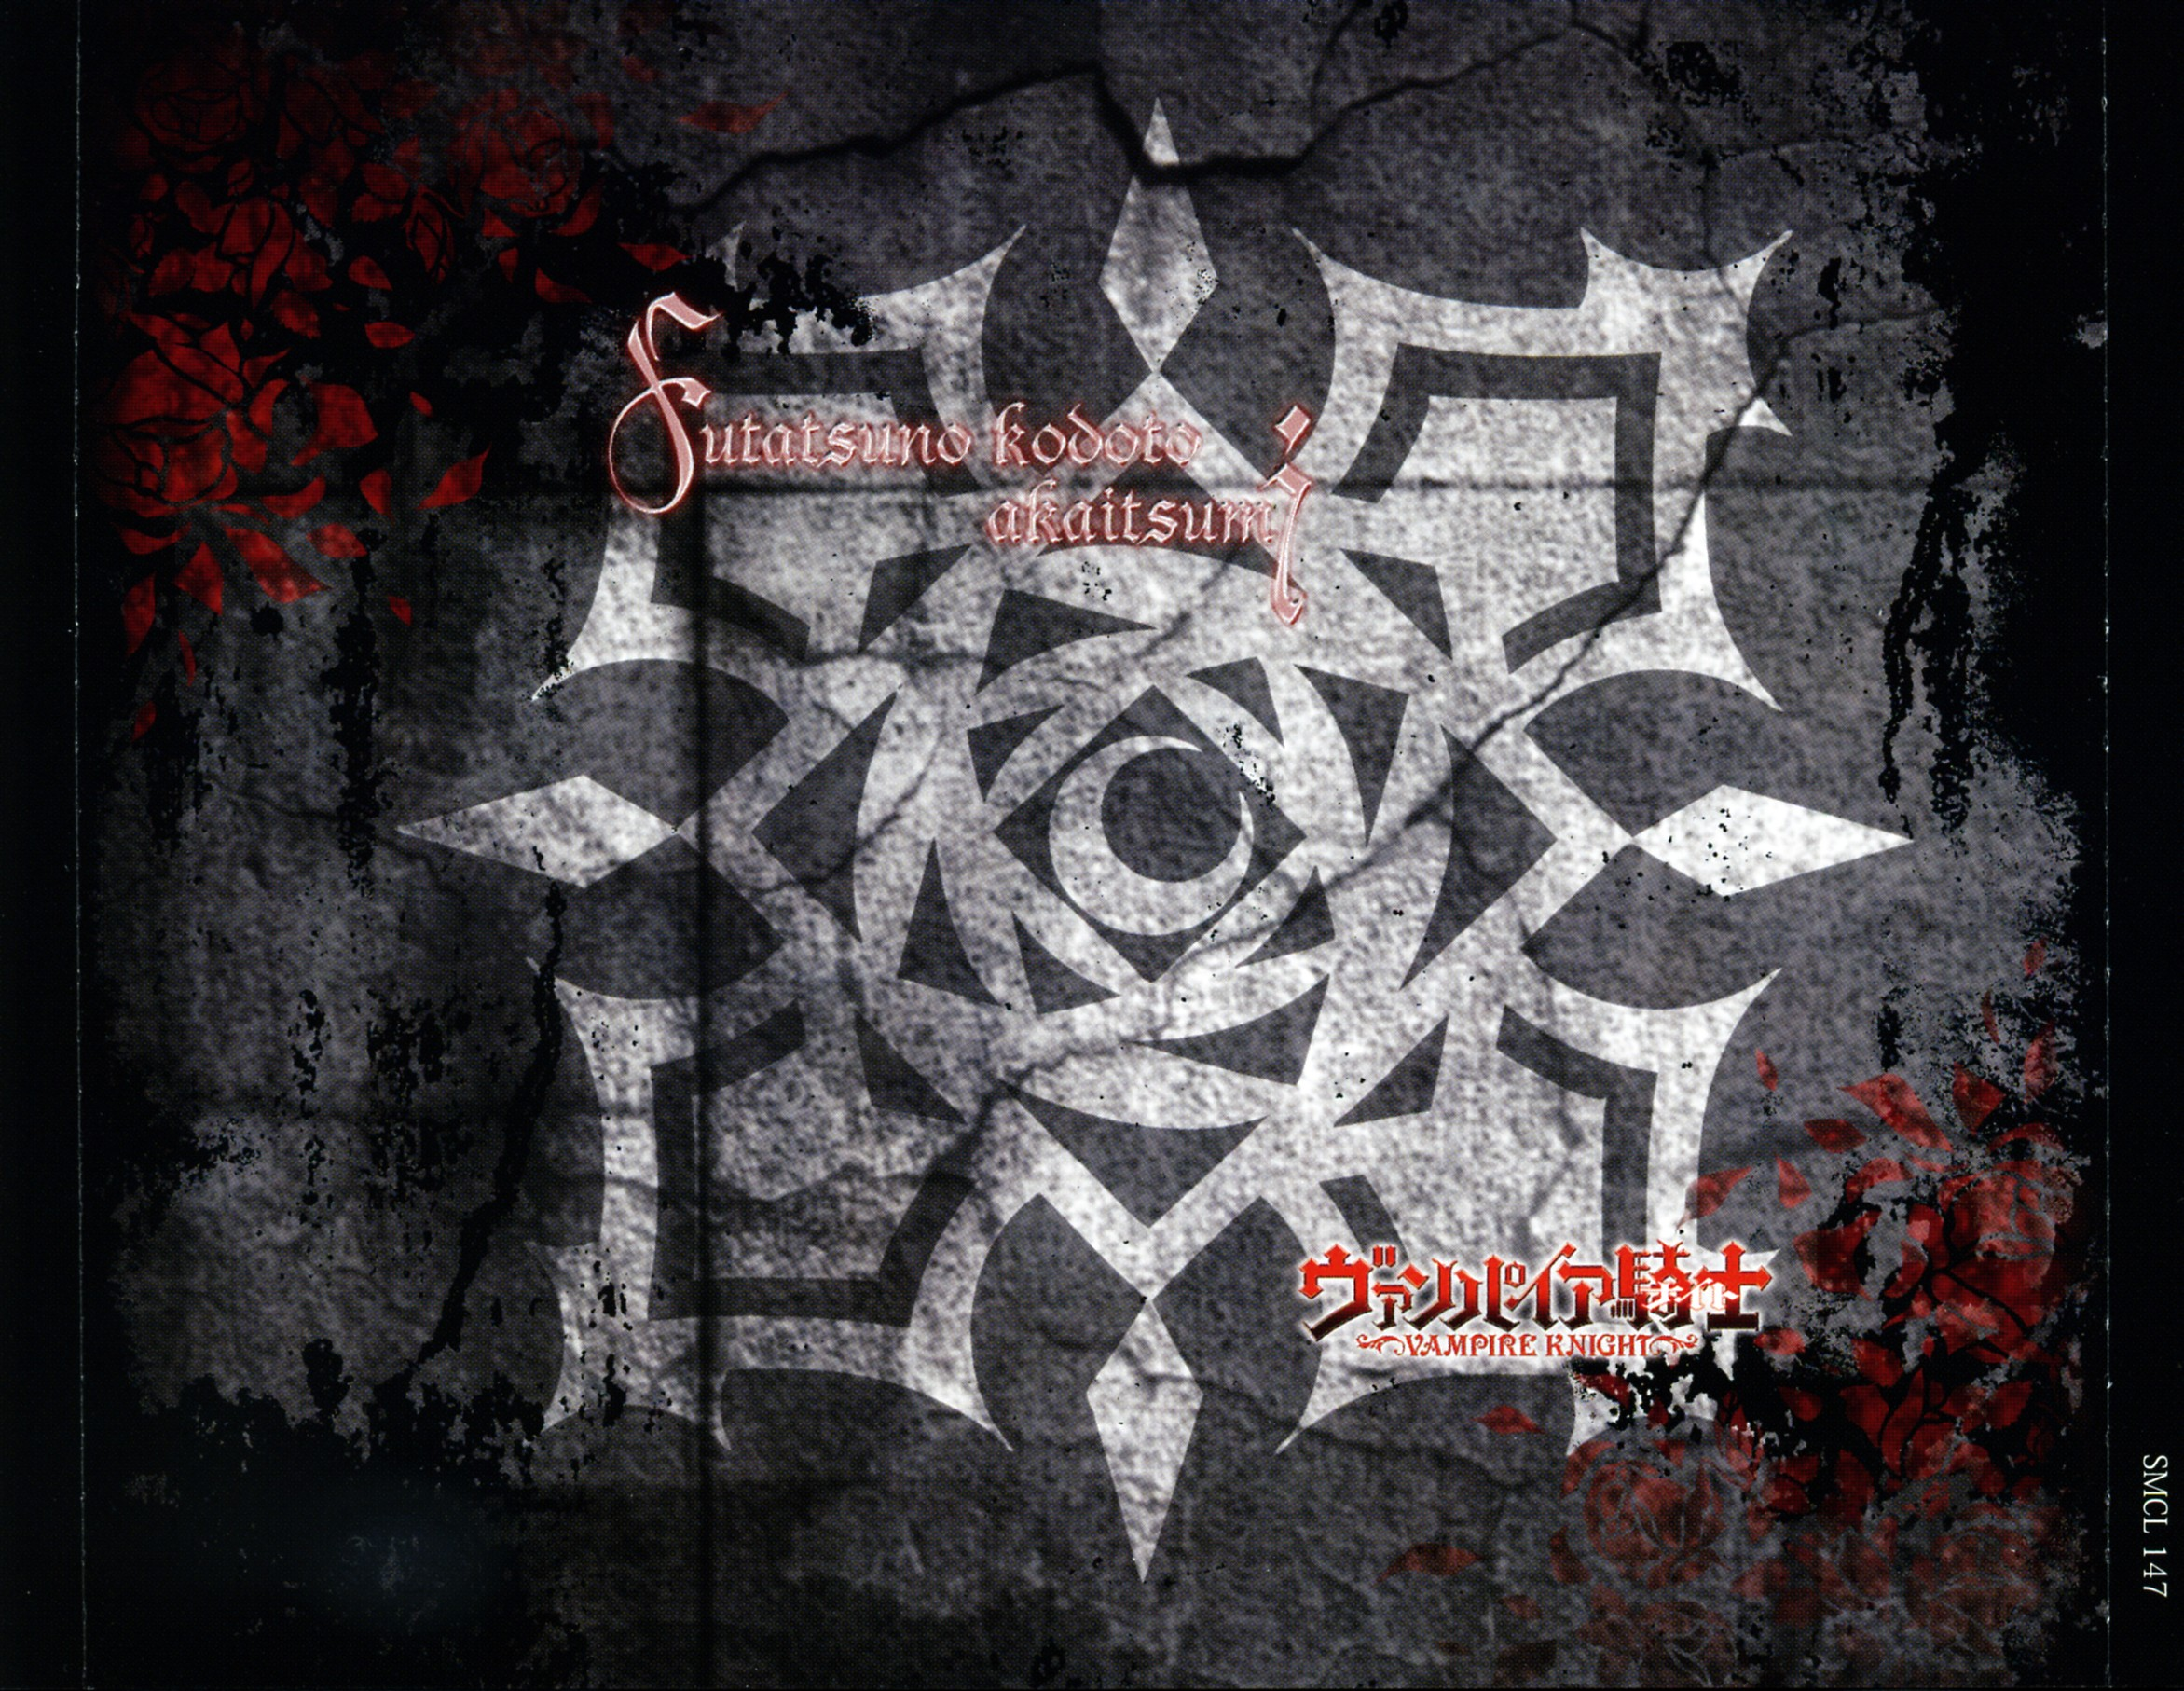 Vampire Knight - OP Single - Futatsu No Kodo To Akai OST